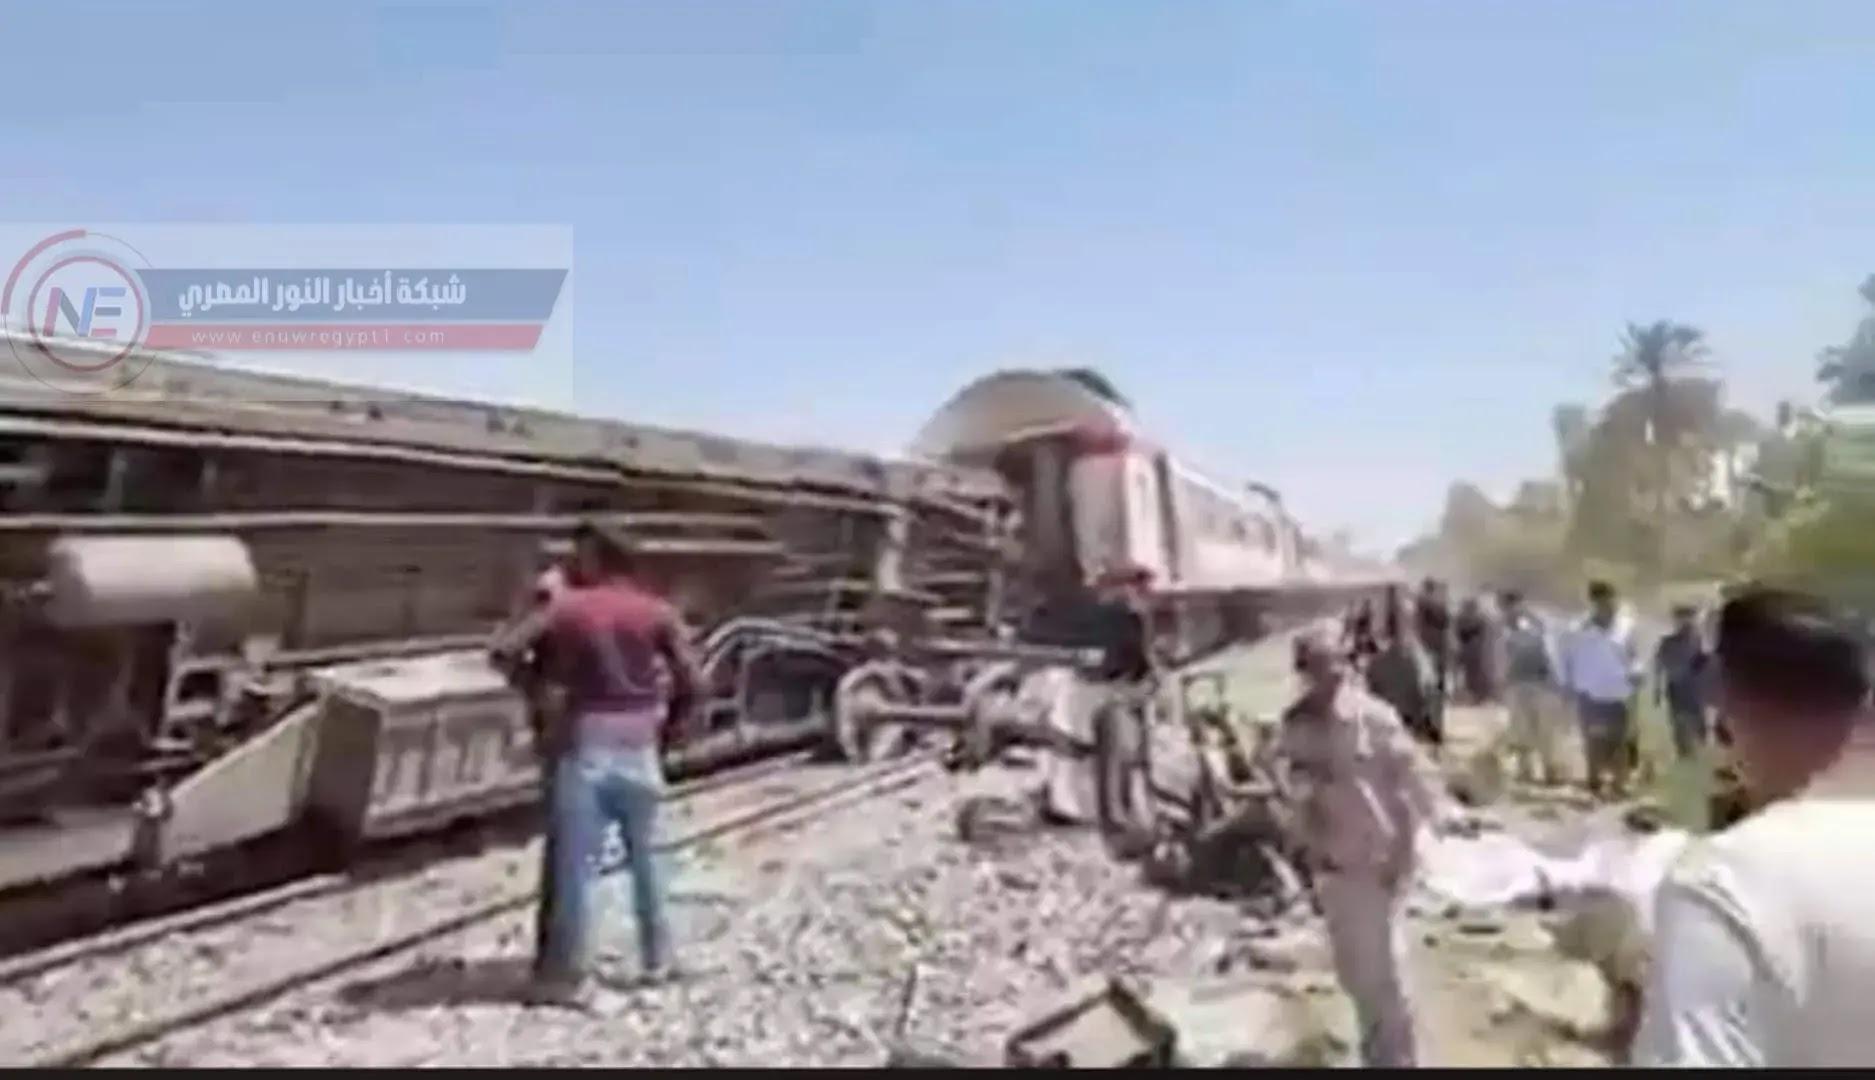 عاجل القصة كاملة| سبب حادث قطار سوهاج اليوم | حقيقة تصادم قطار سوهاج بالتفاصيل حول سبب الحادث